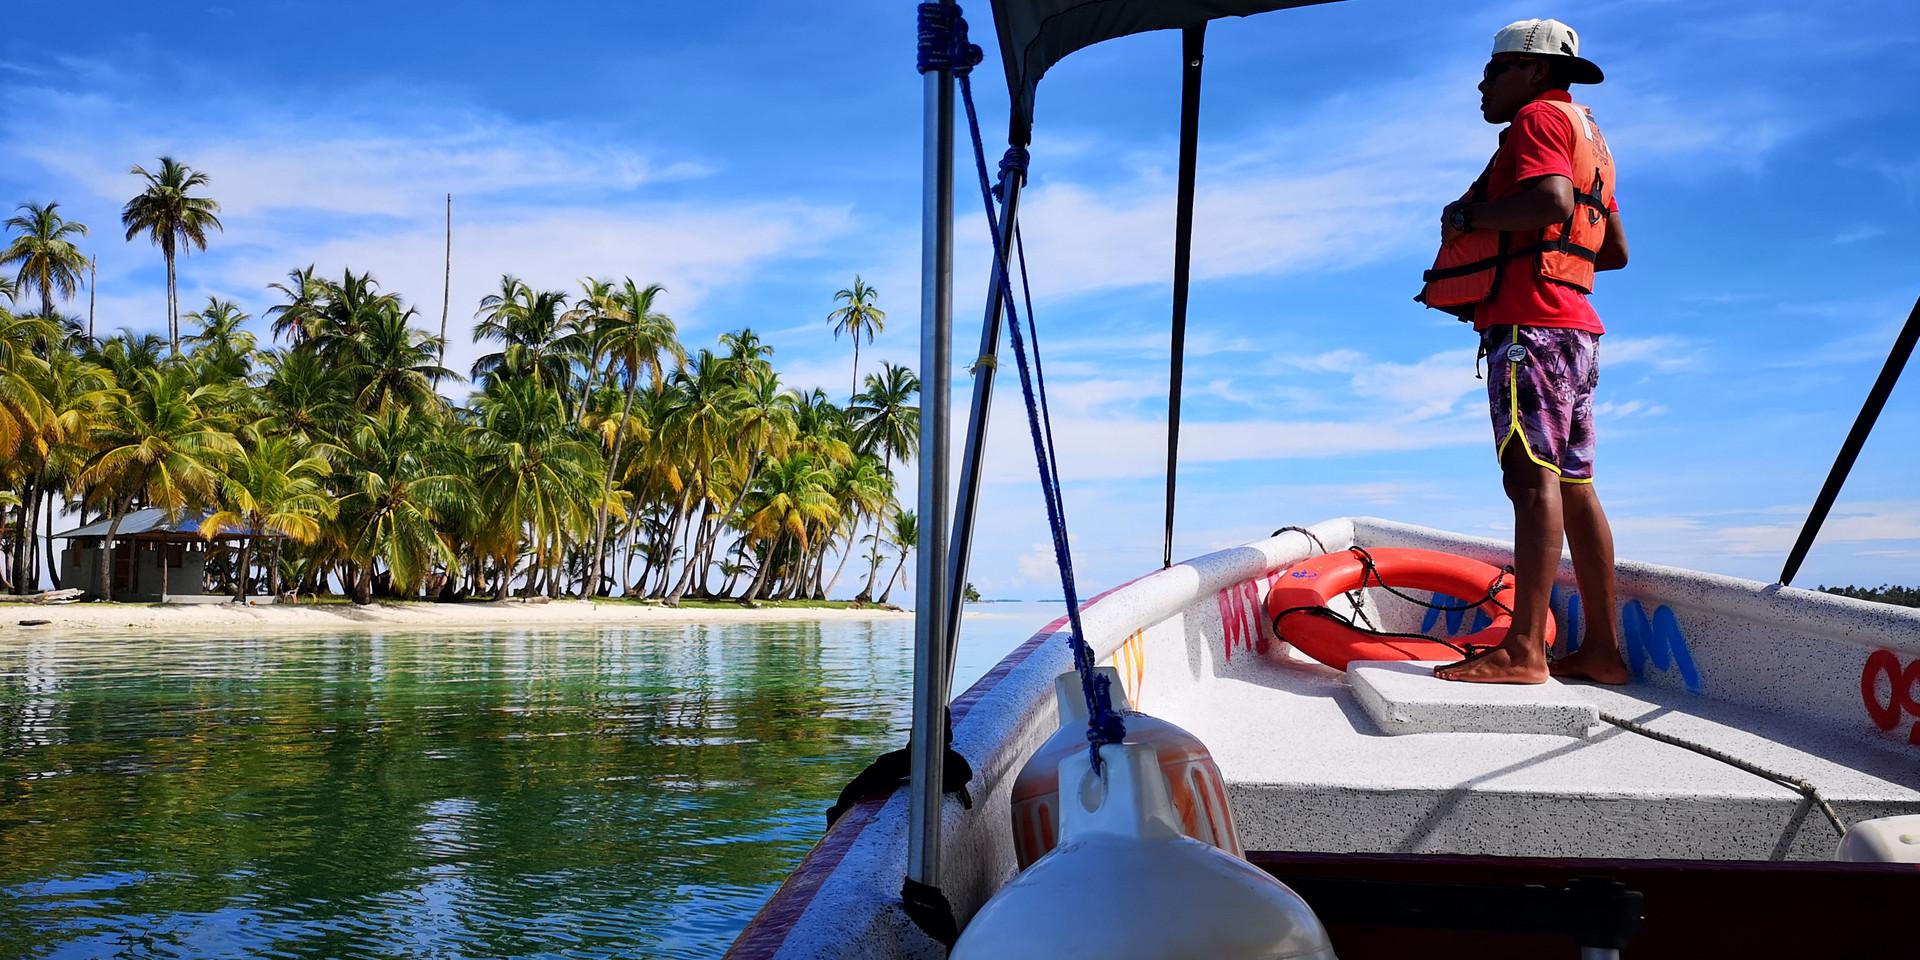 Llegando a Isla Pelicano de la Casa de P